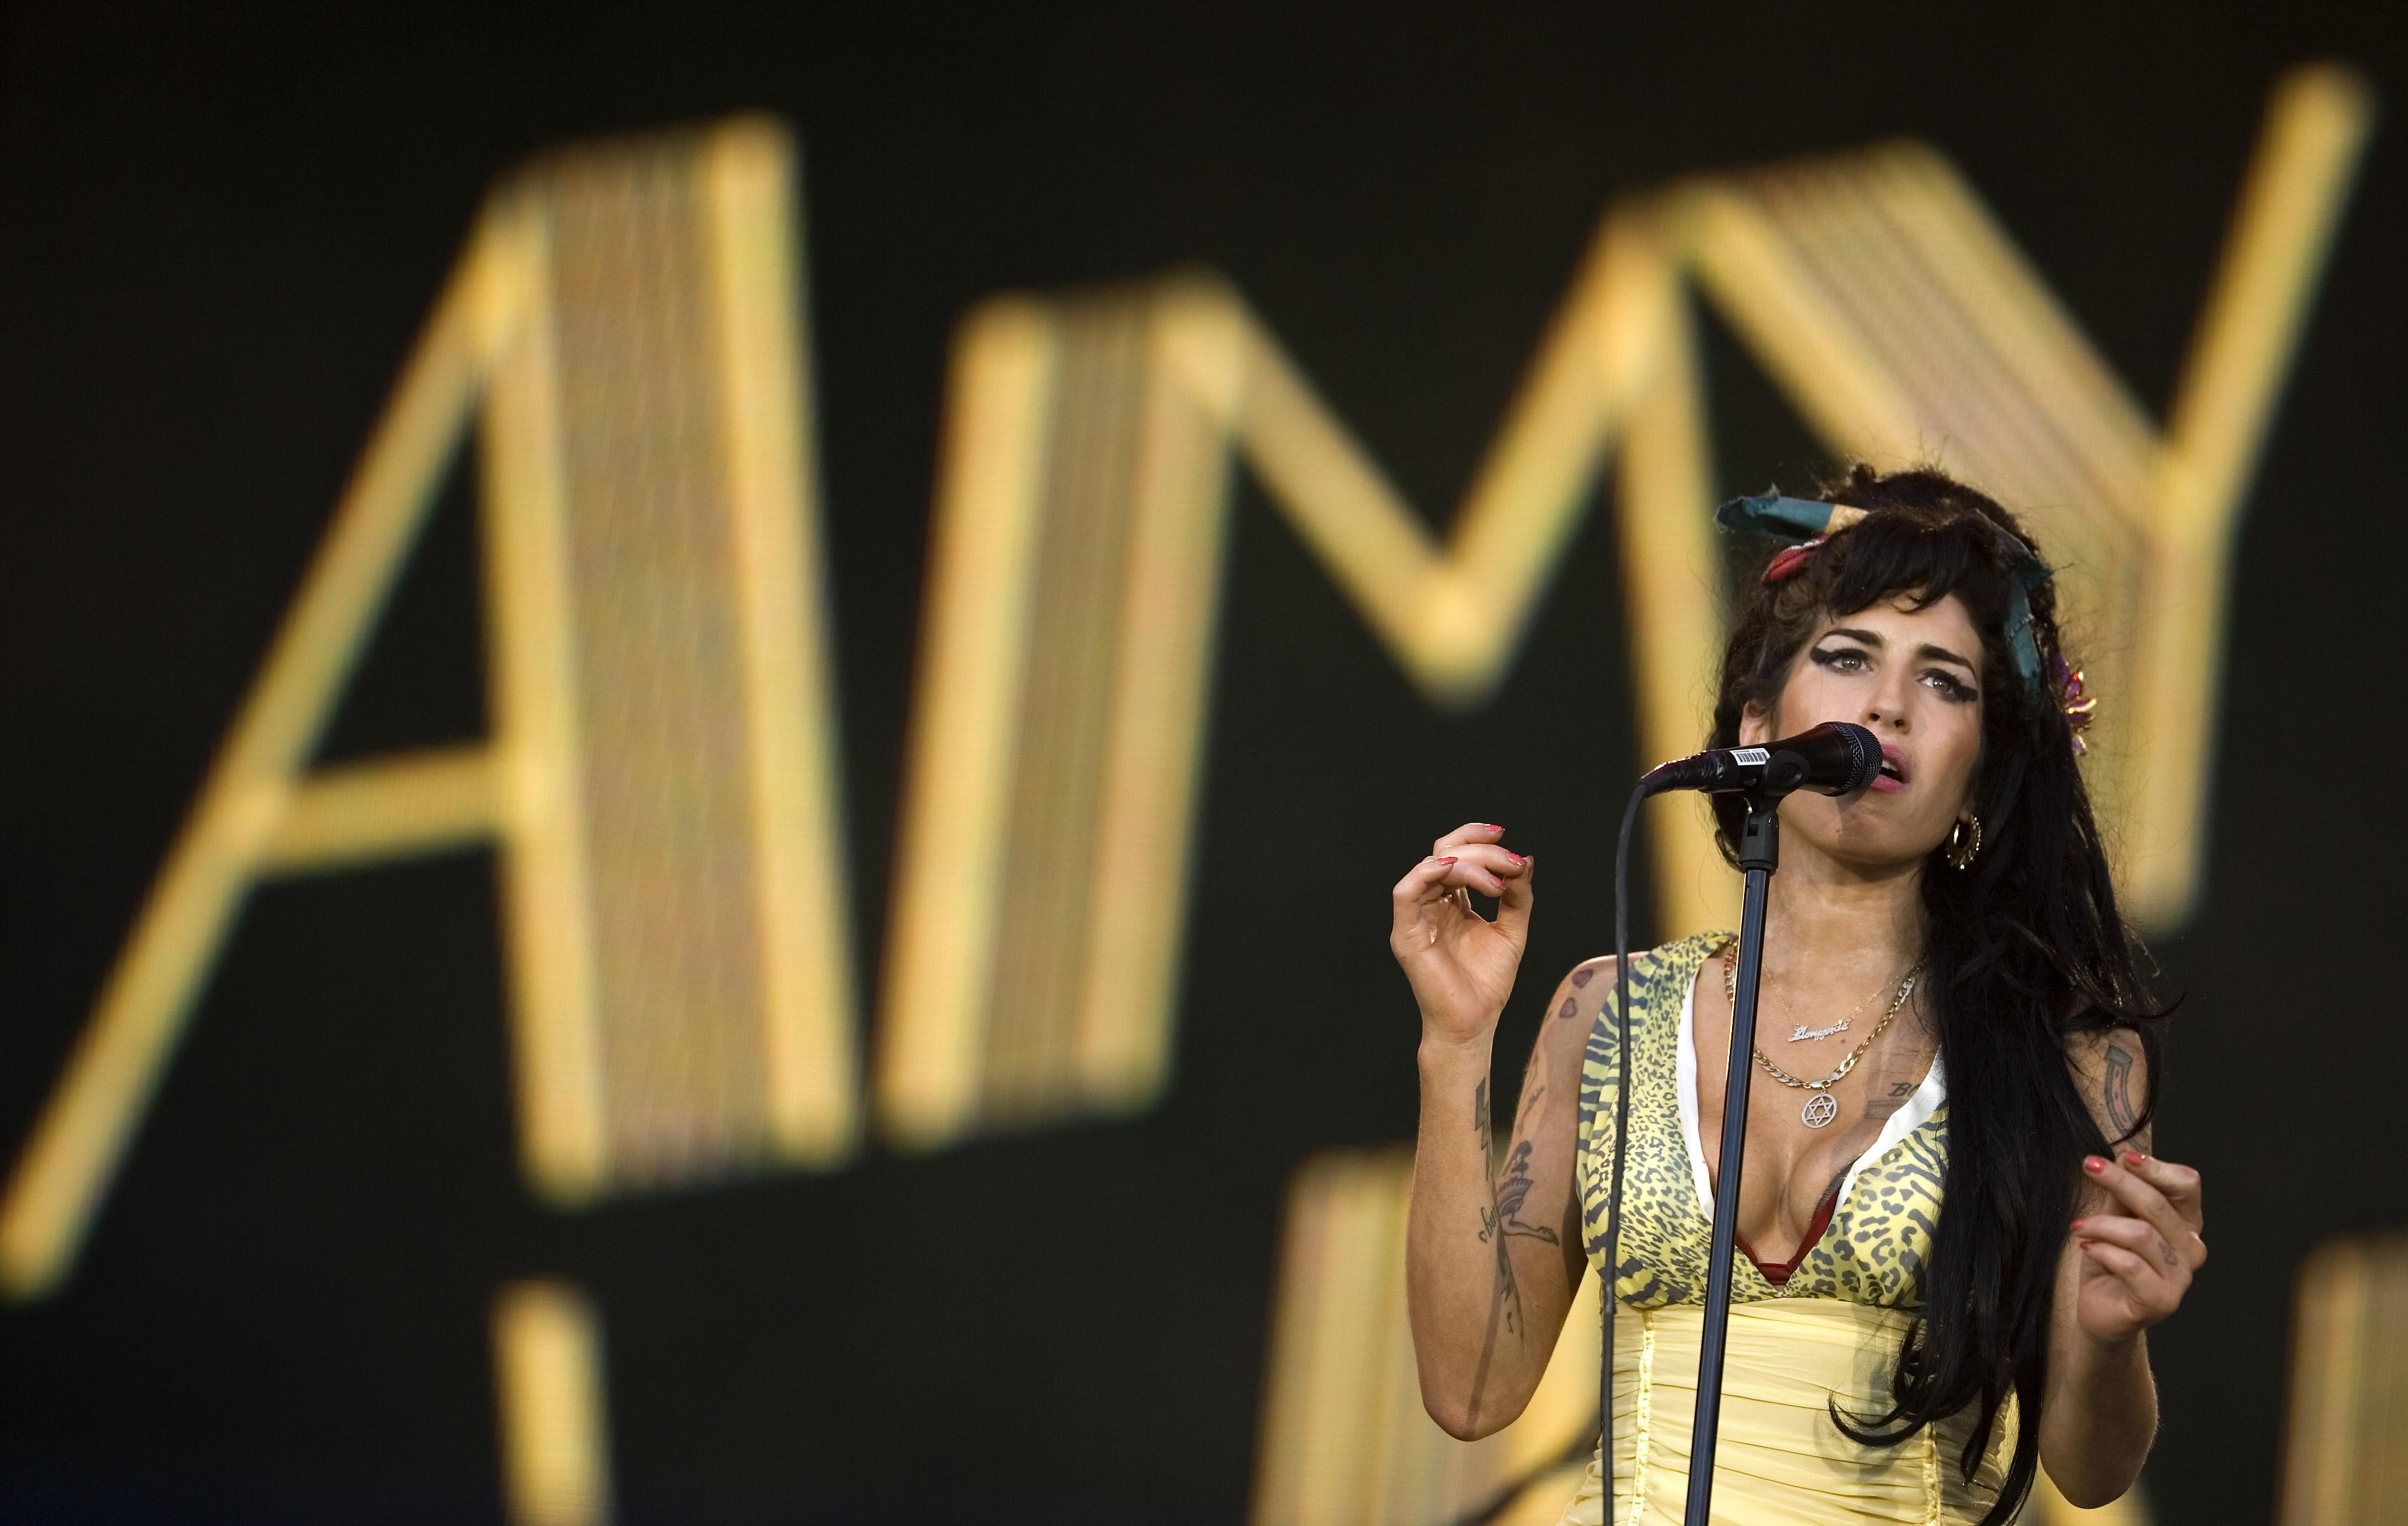 """Amy Winehouse im Jahr 2008 – über den tragischen Tod der Jazz-und-Soul-Sängerin wurde im Juli 2015 die Doku """"Amy"""" veröffentlicht, zu der es Ende Oktober 2015 einen Soundtrack geben wird."""